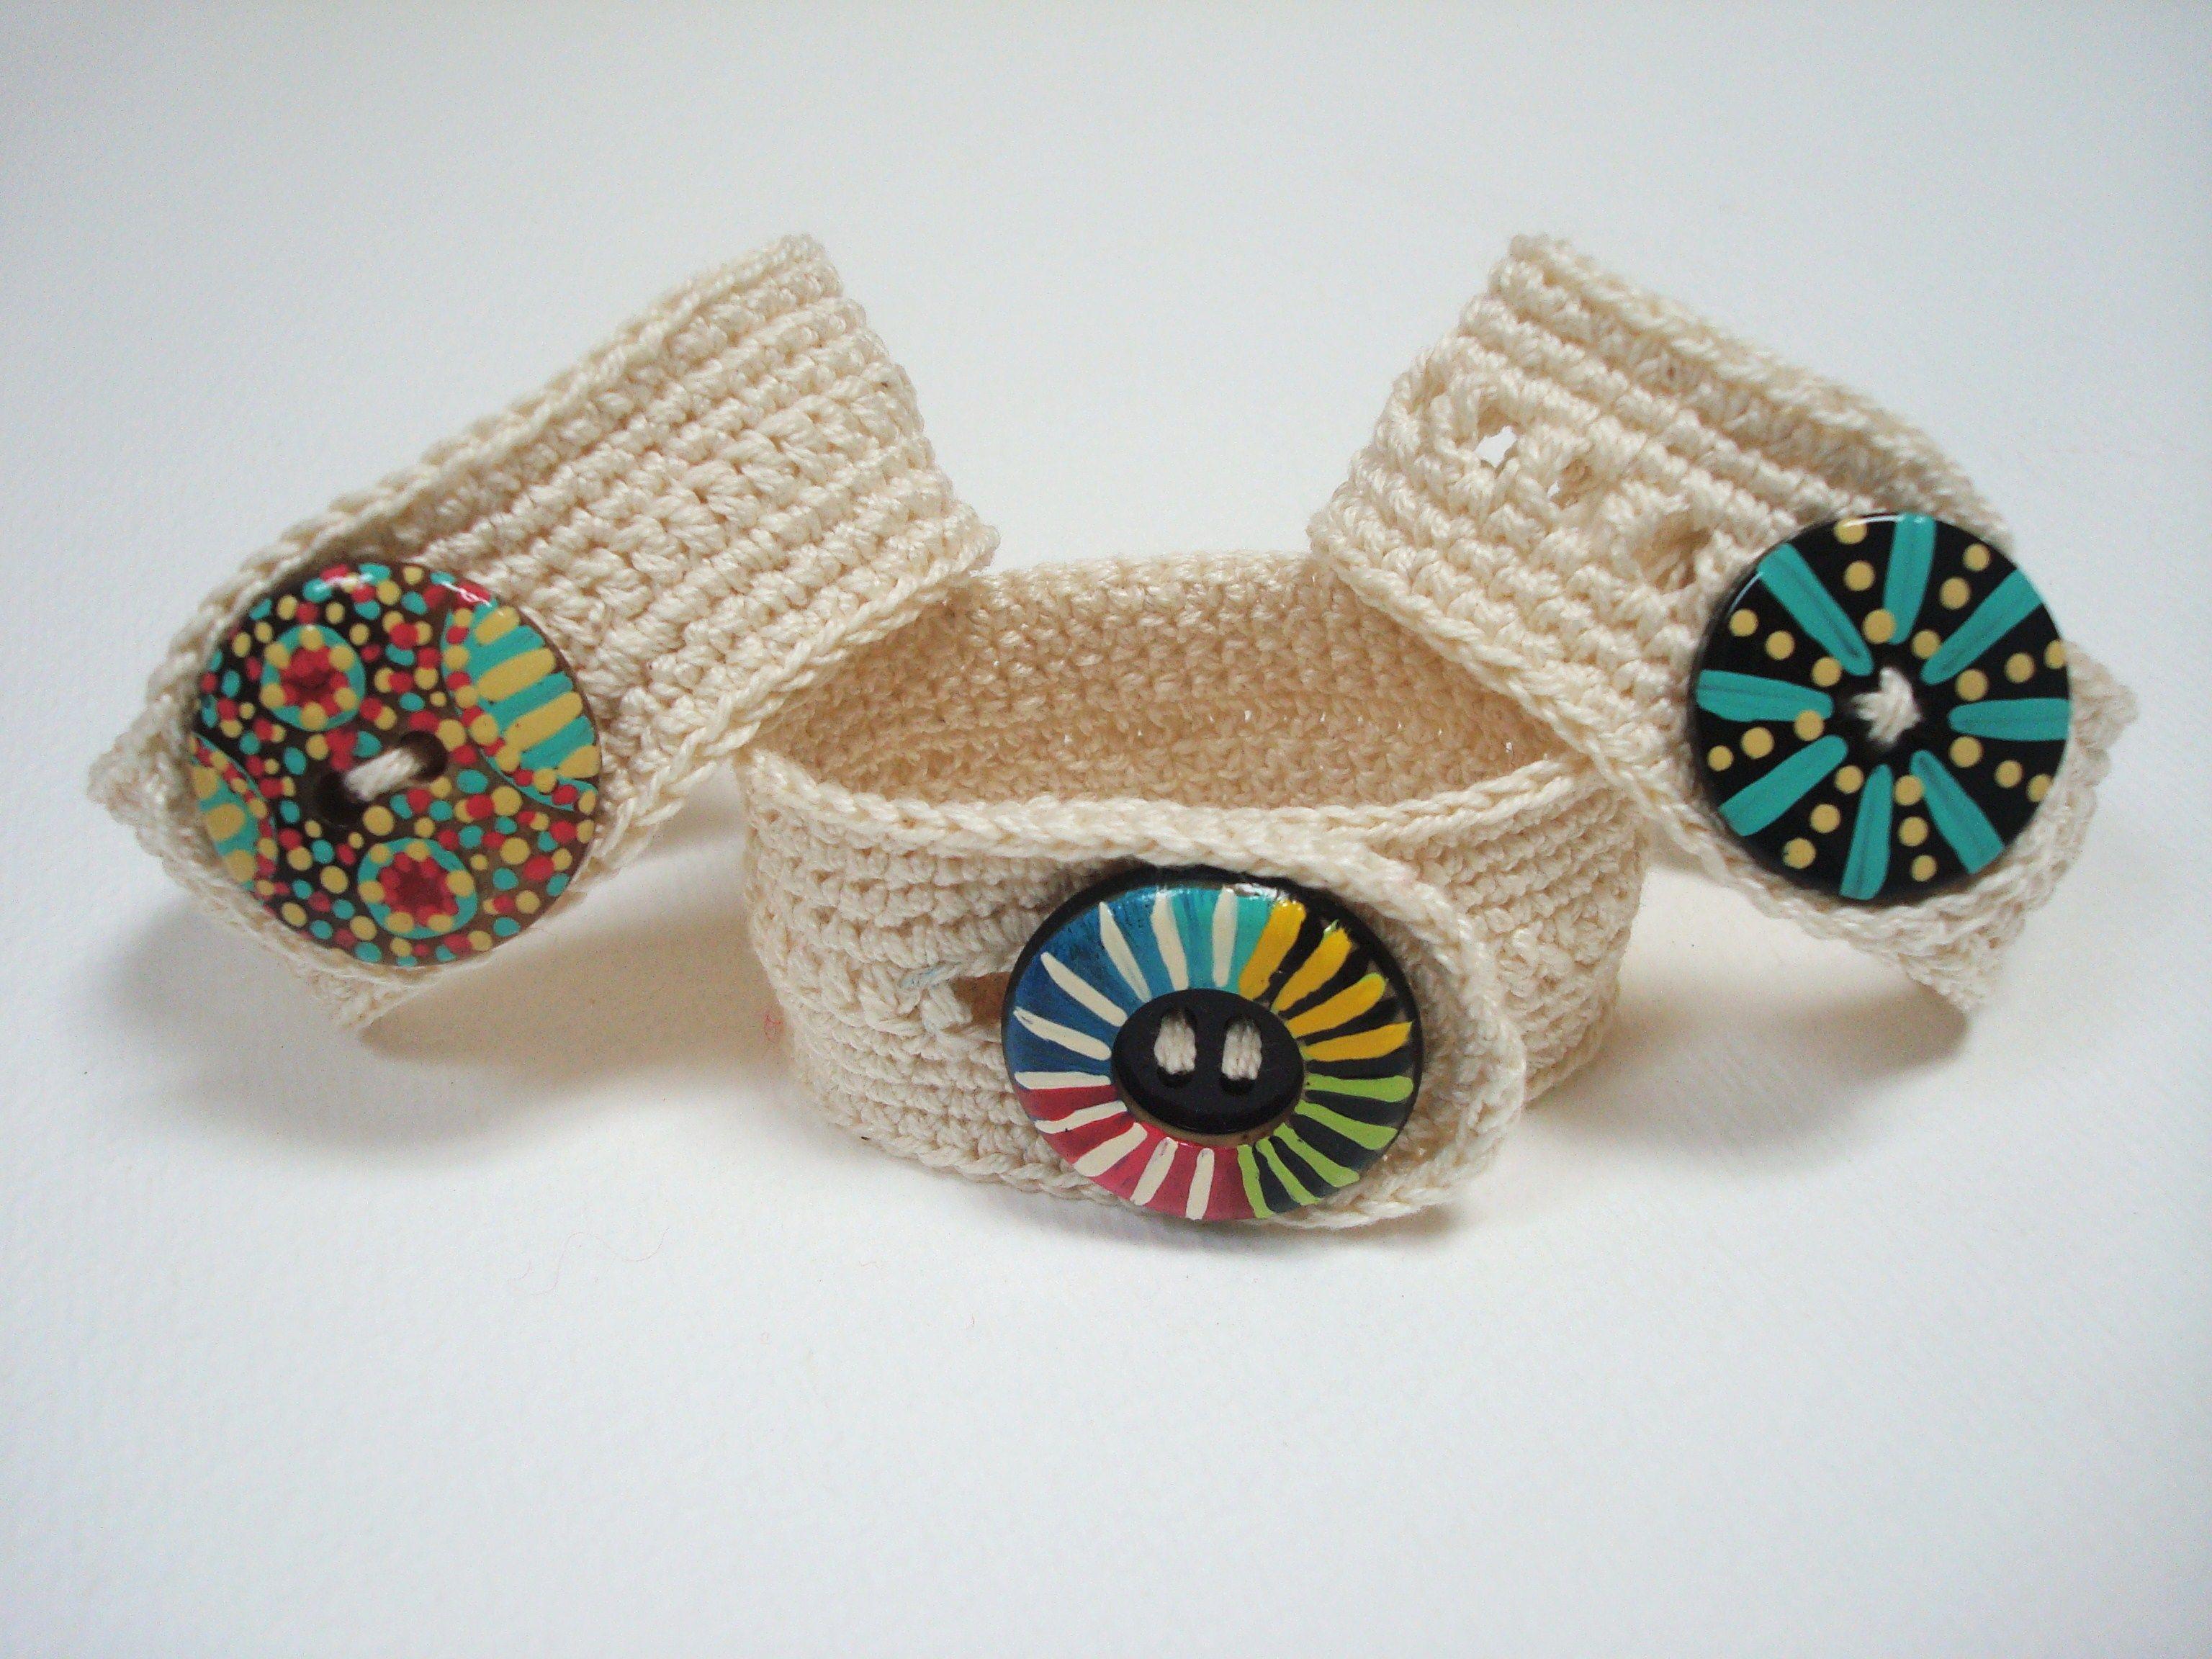 Pulseras de crochet, con botones pintados a mano http://calpearts ...